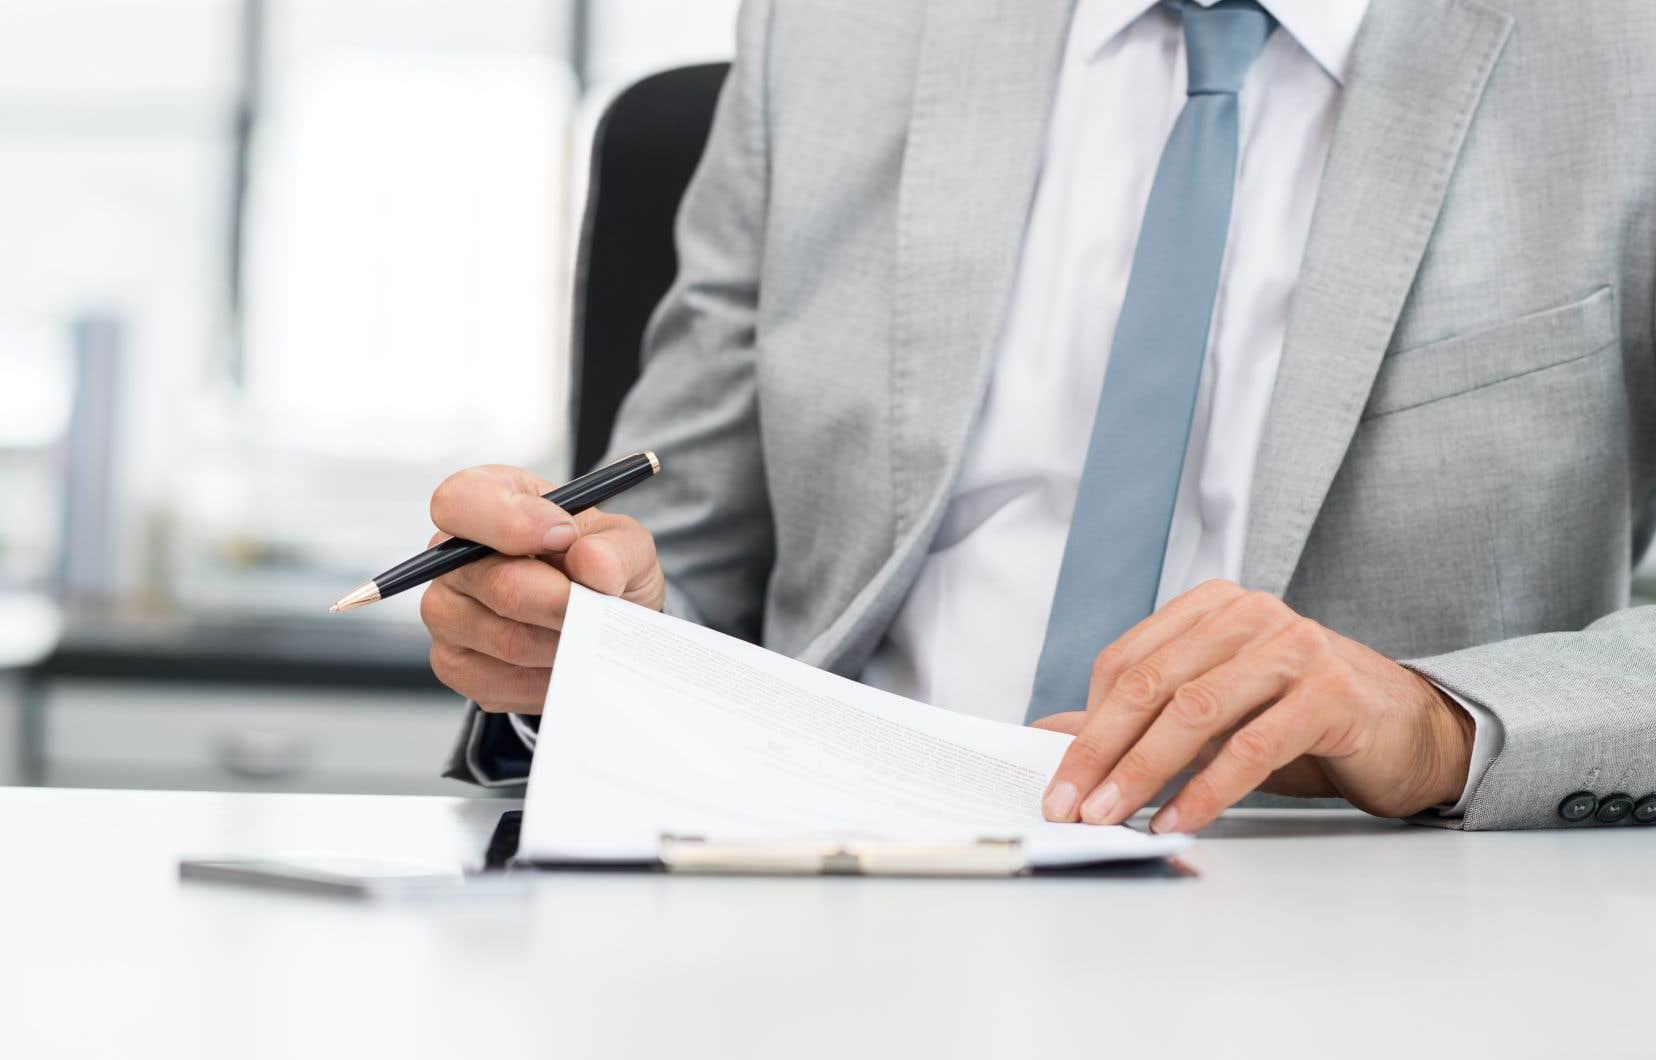 L'AMF, qui se finance à partir des cotisations prélevées auprès de l'industrie, a dû embaucher 16 personnes de plus.